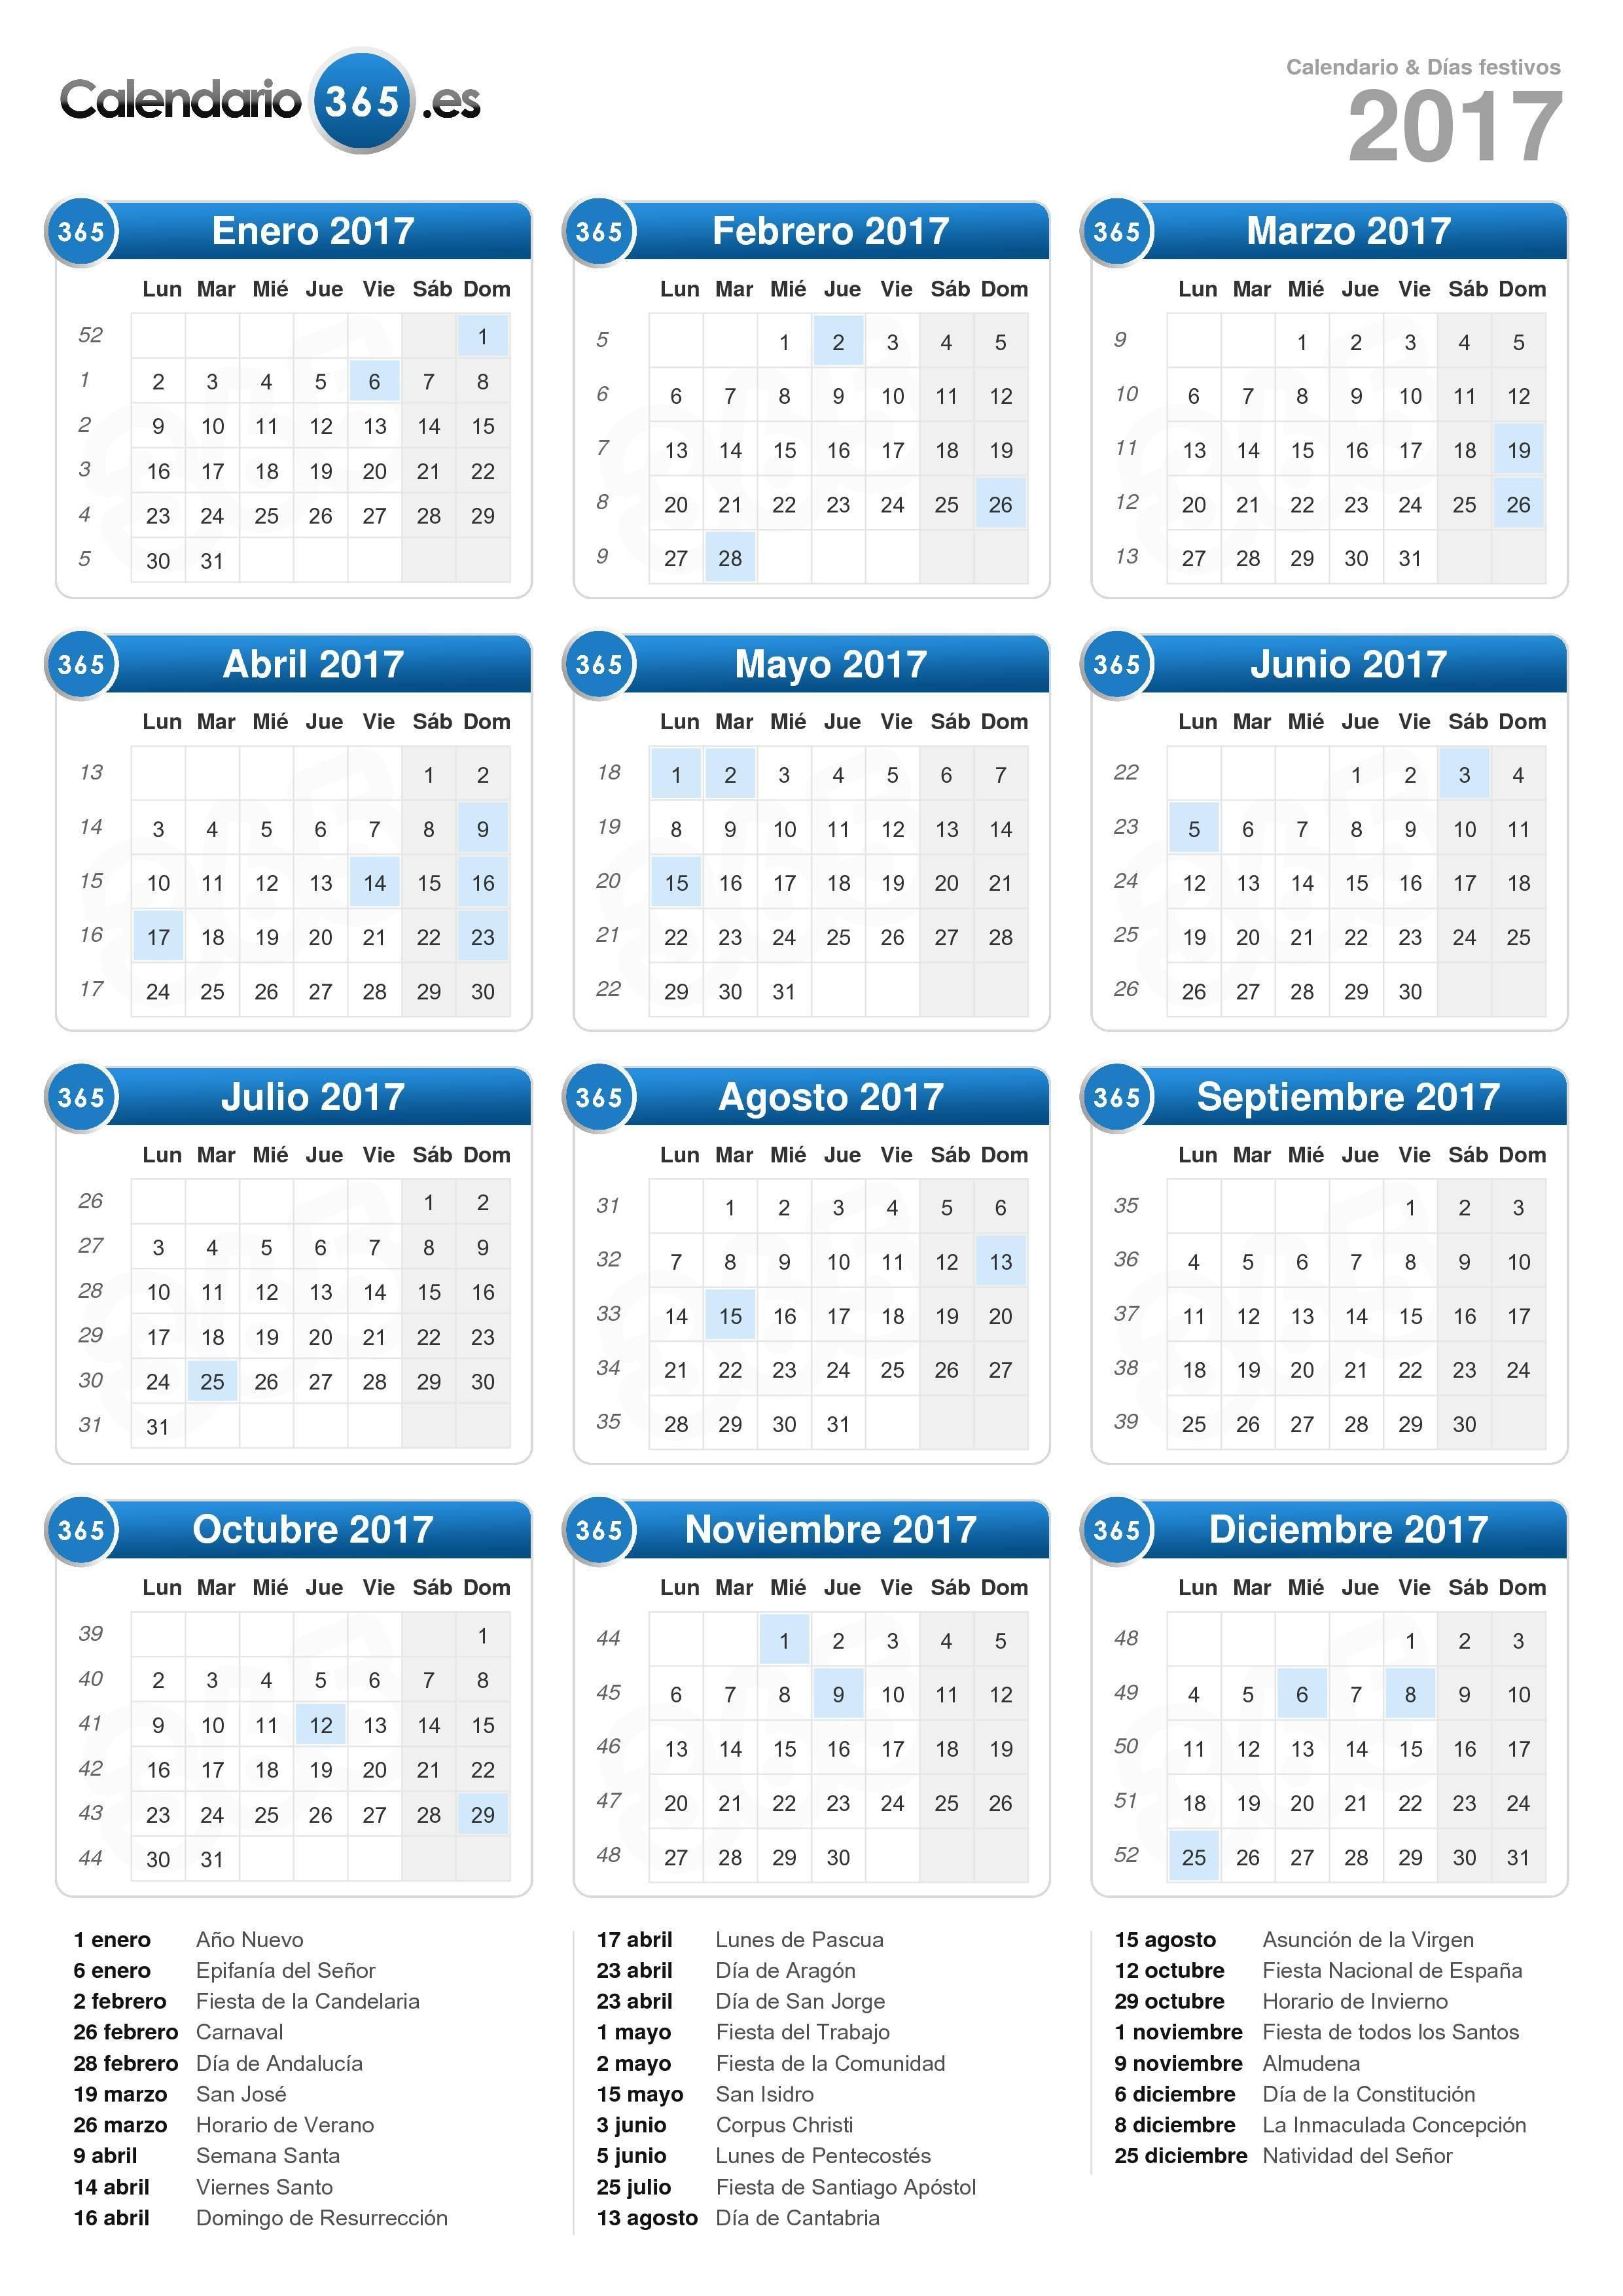 Calendario 2019 Argentina Para Imprimir Pdf Actual Calendario 2017 Of Calendario 2019 Argentina Para Imprimir Pdf Más Reciente Es Calendario Para Imprimir 2017 Y 2019